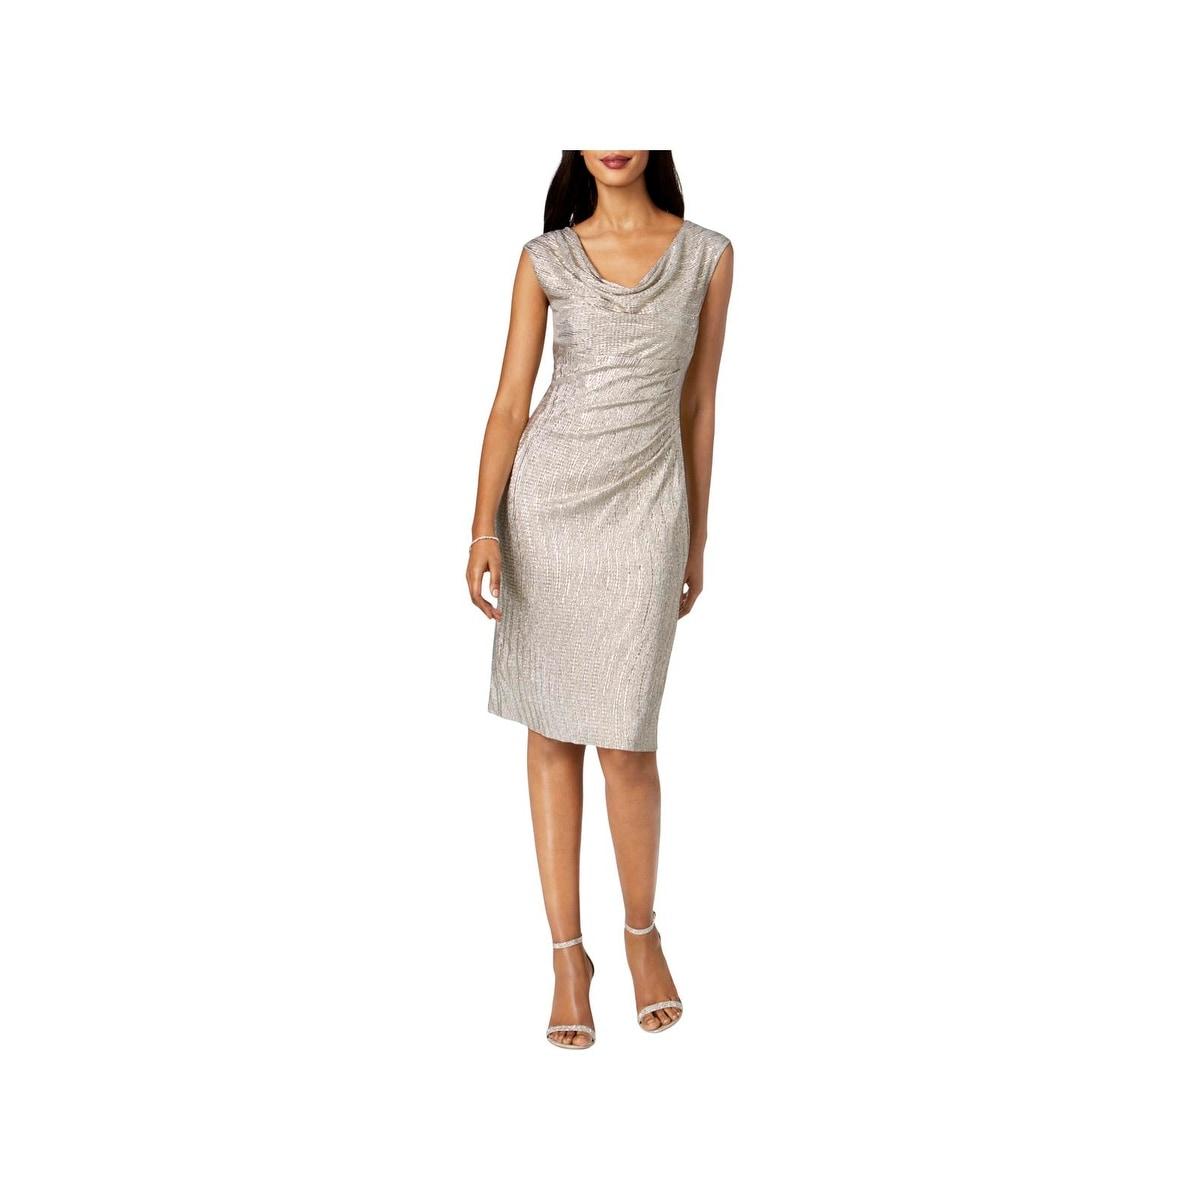 Plus Size Lace Dresses At Macys